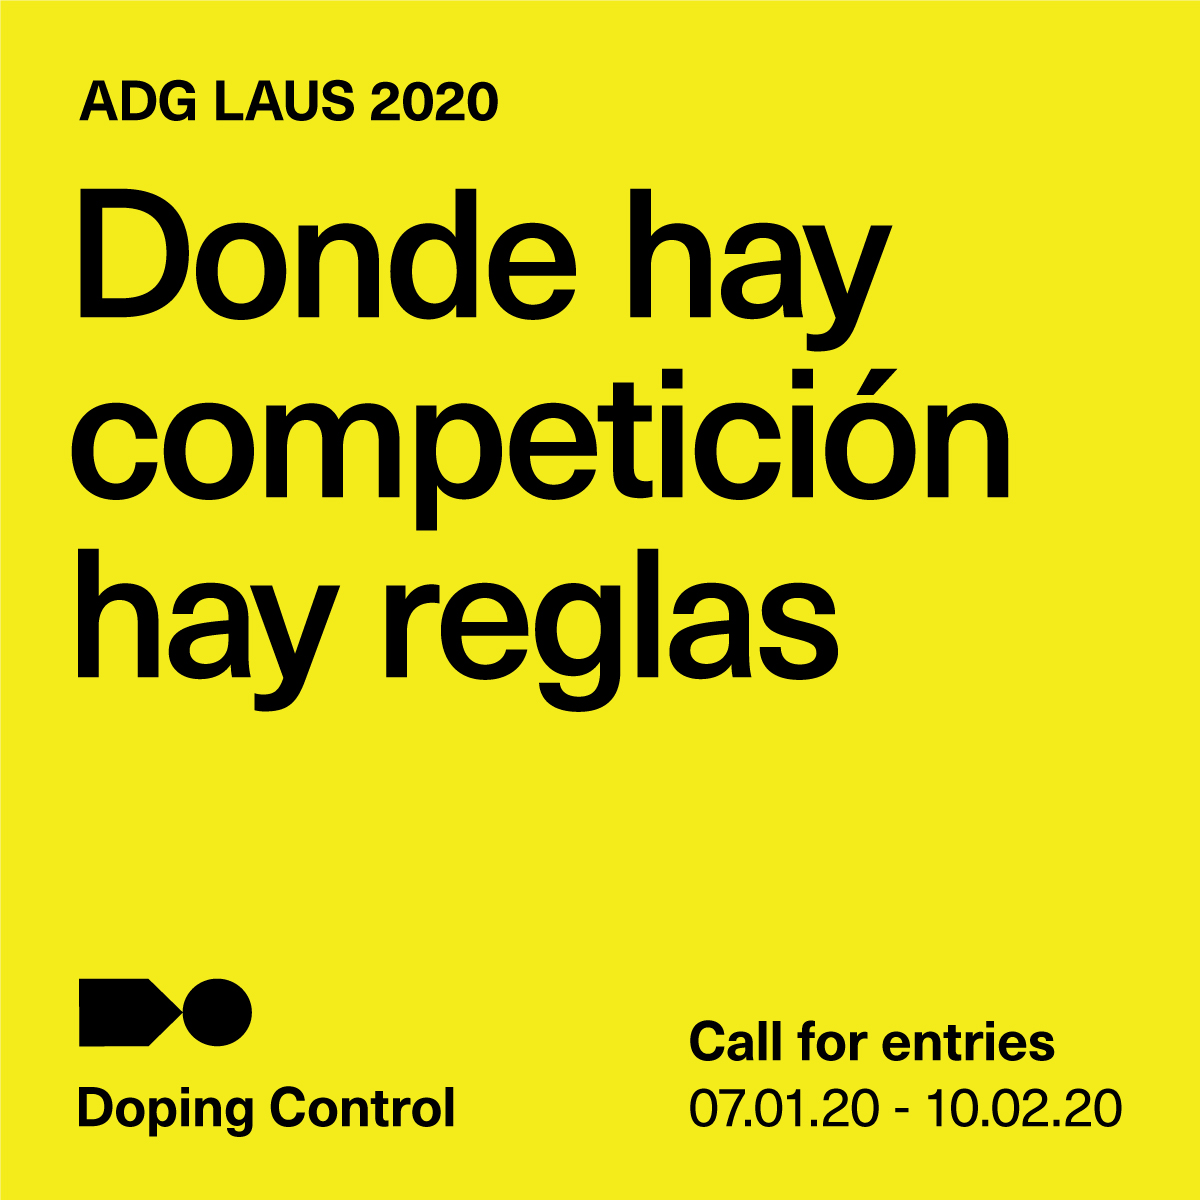 ADG LAUS 2020